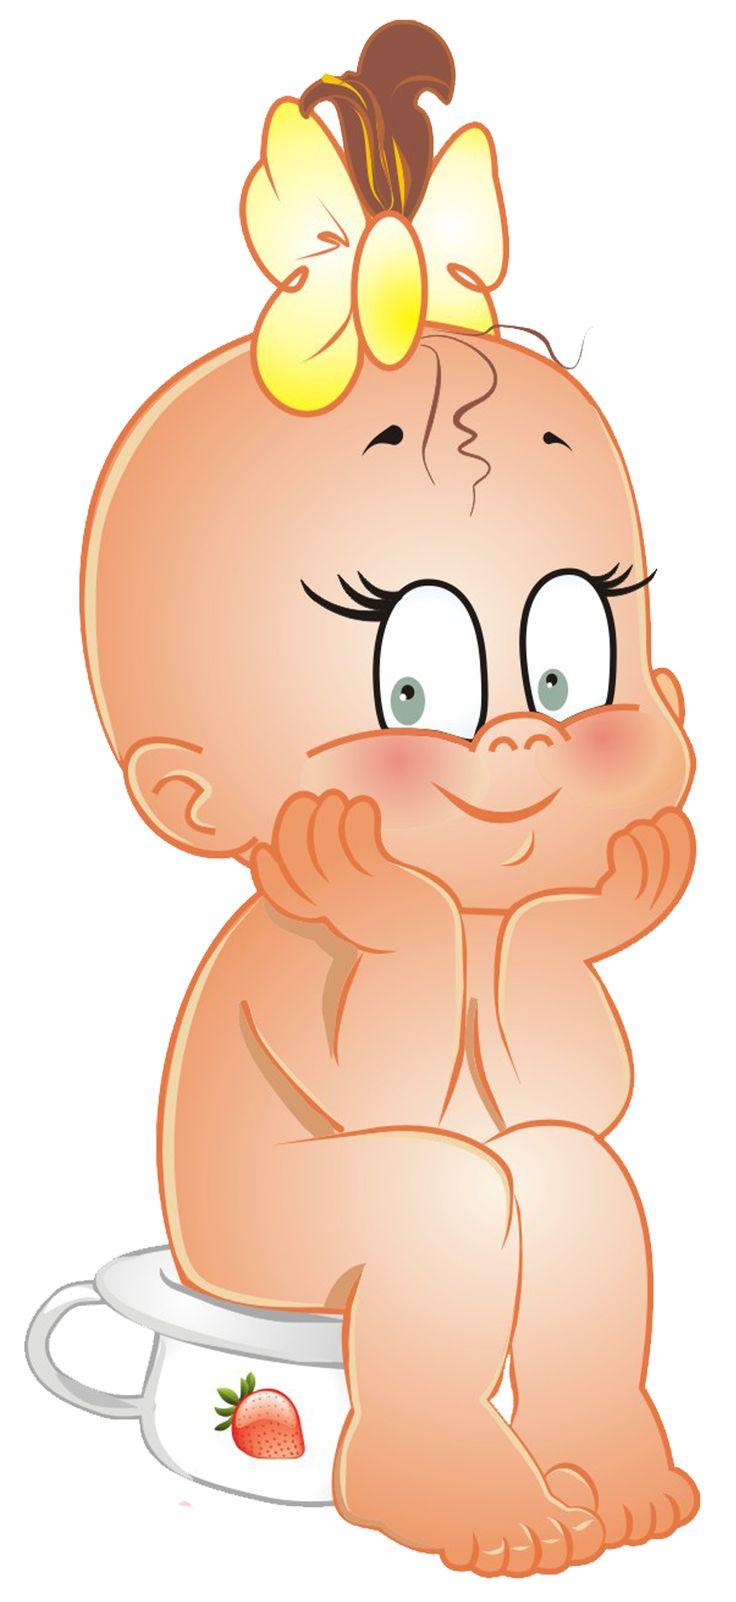 Смешные рисованные картинки малышей